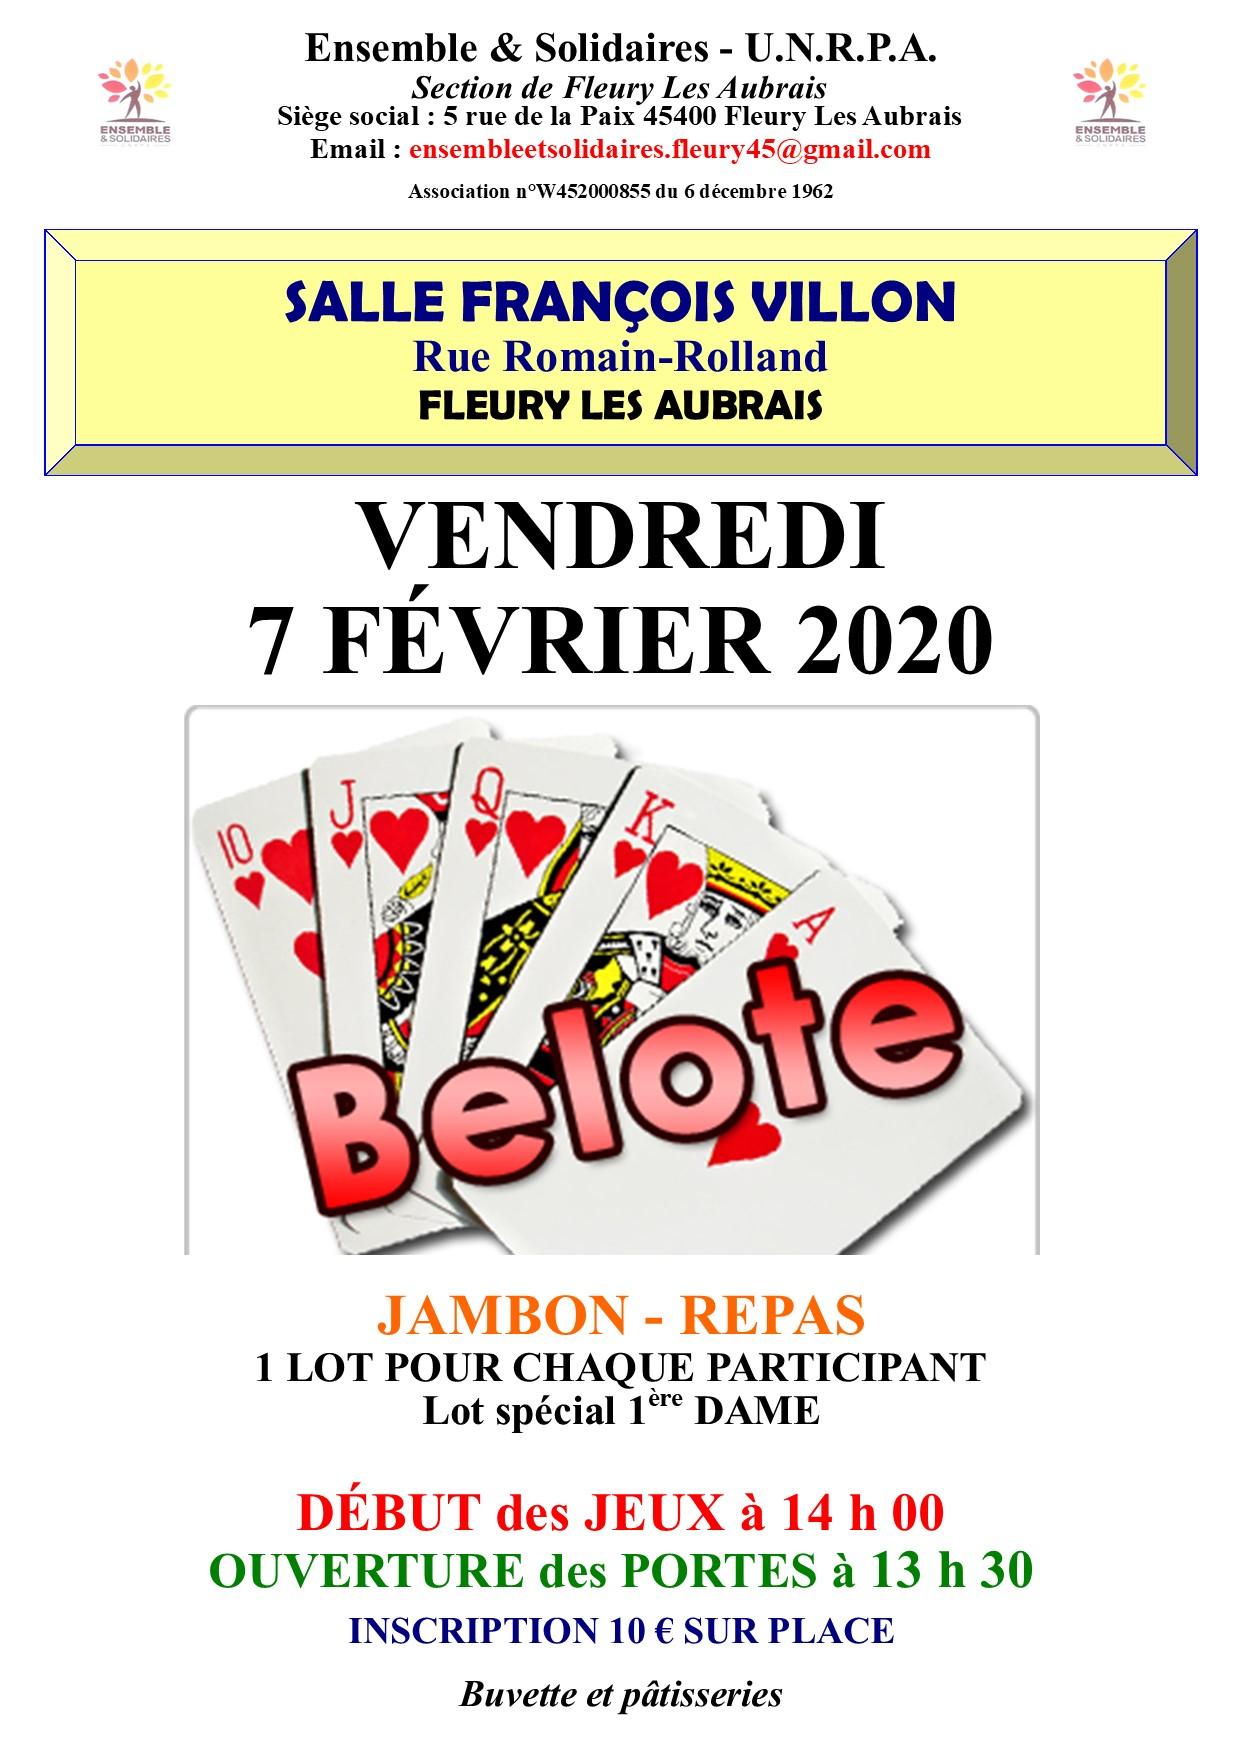 Affiche BELOTE 7 02 20.jpg